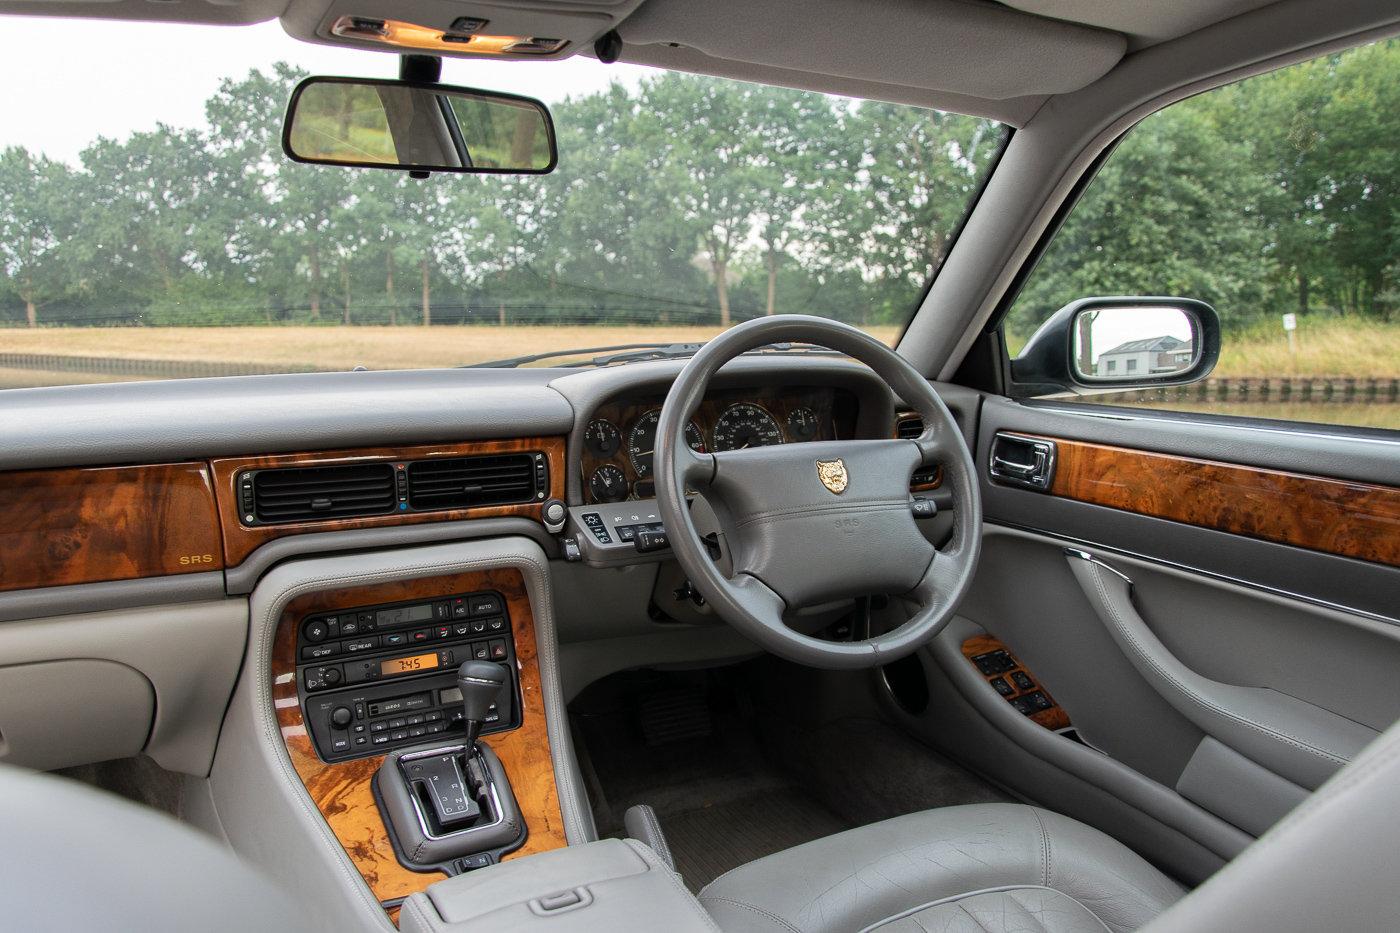 1996 JAGUAR XJ12 6.0 V12 - 94.221 Miles - Steel Grey For Sale (picture 2 of 6)